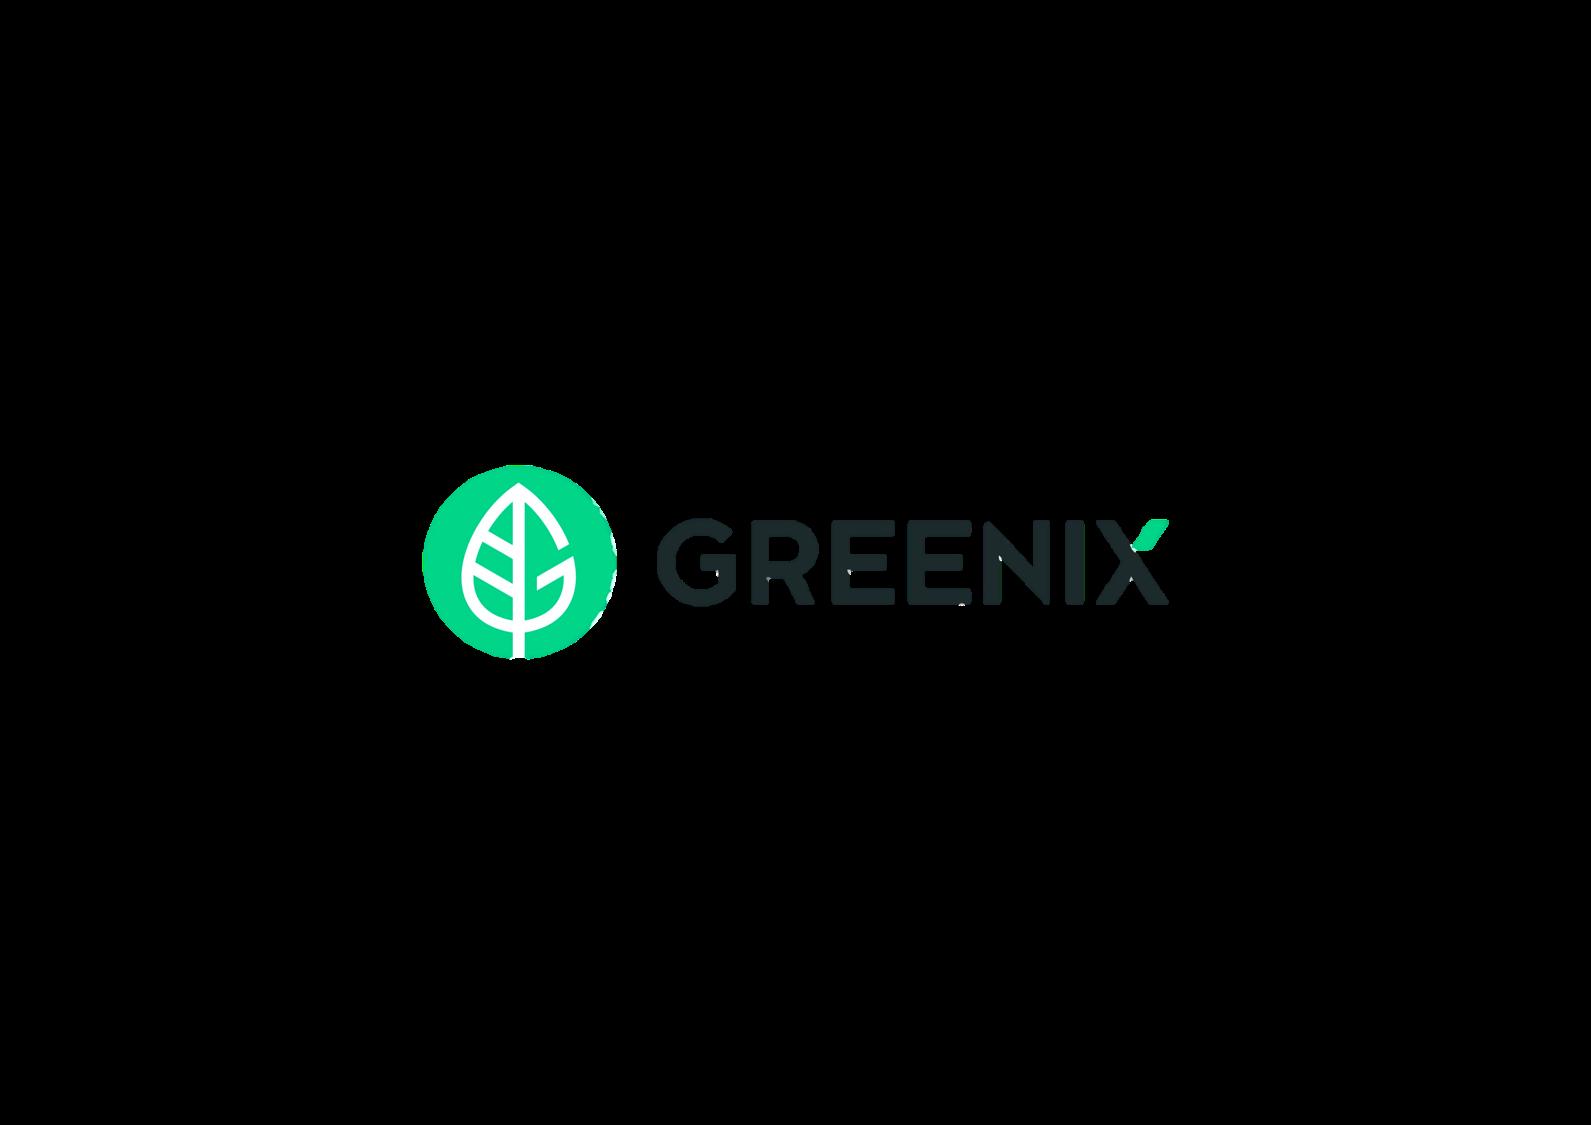 Greenix Pest Control